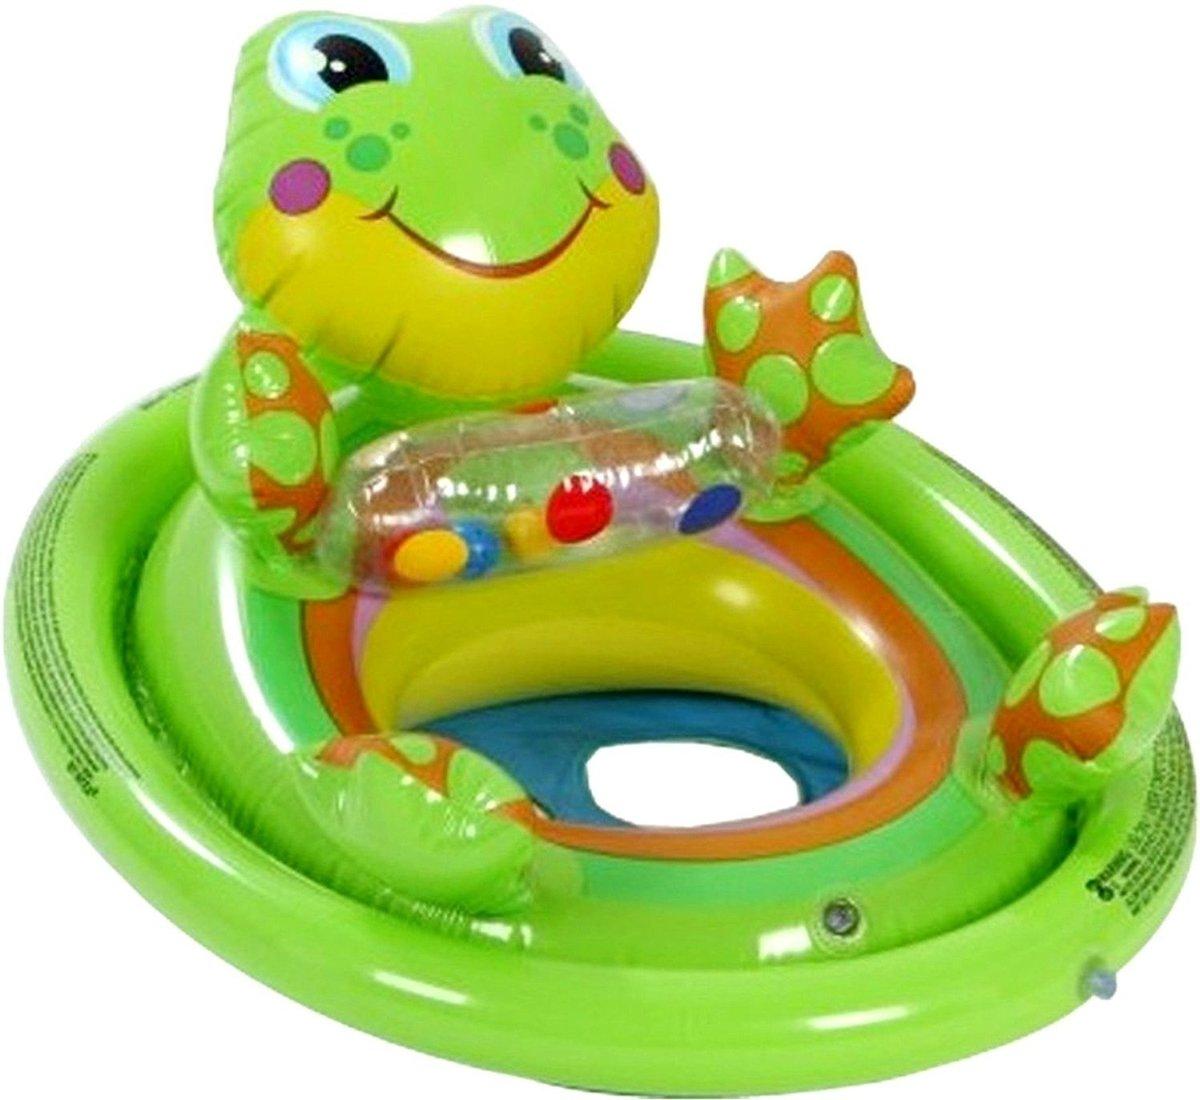 """兒童青蛙充氣船仔 30.5"""" x23"""" (77cm x 58cm)"""